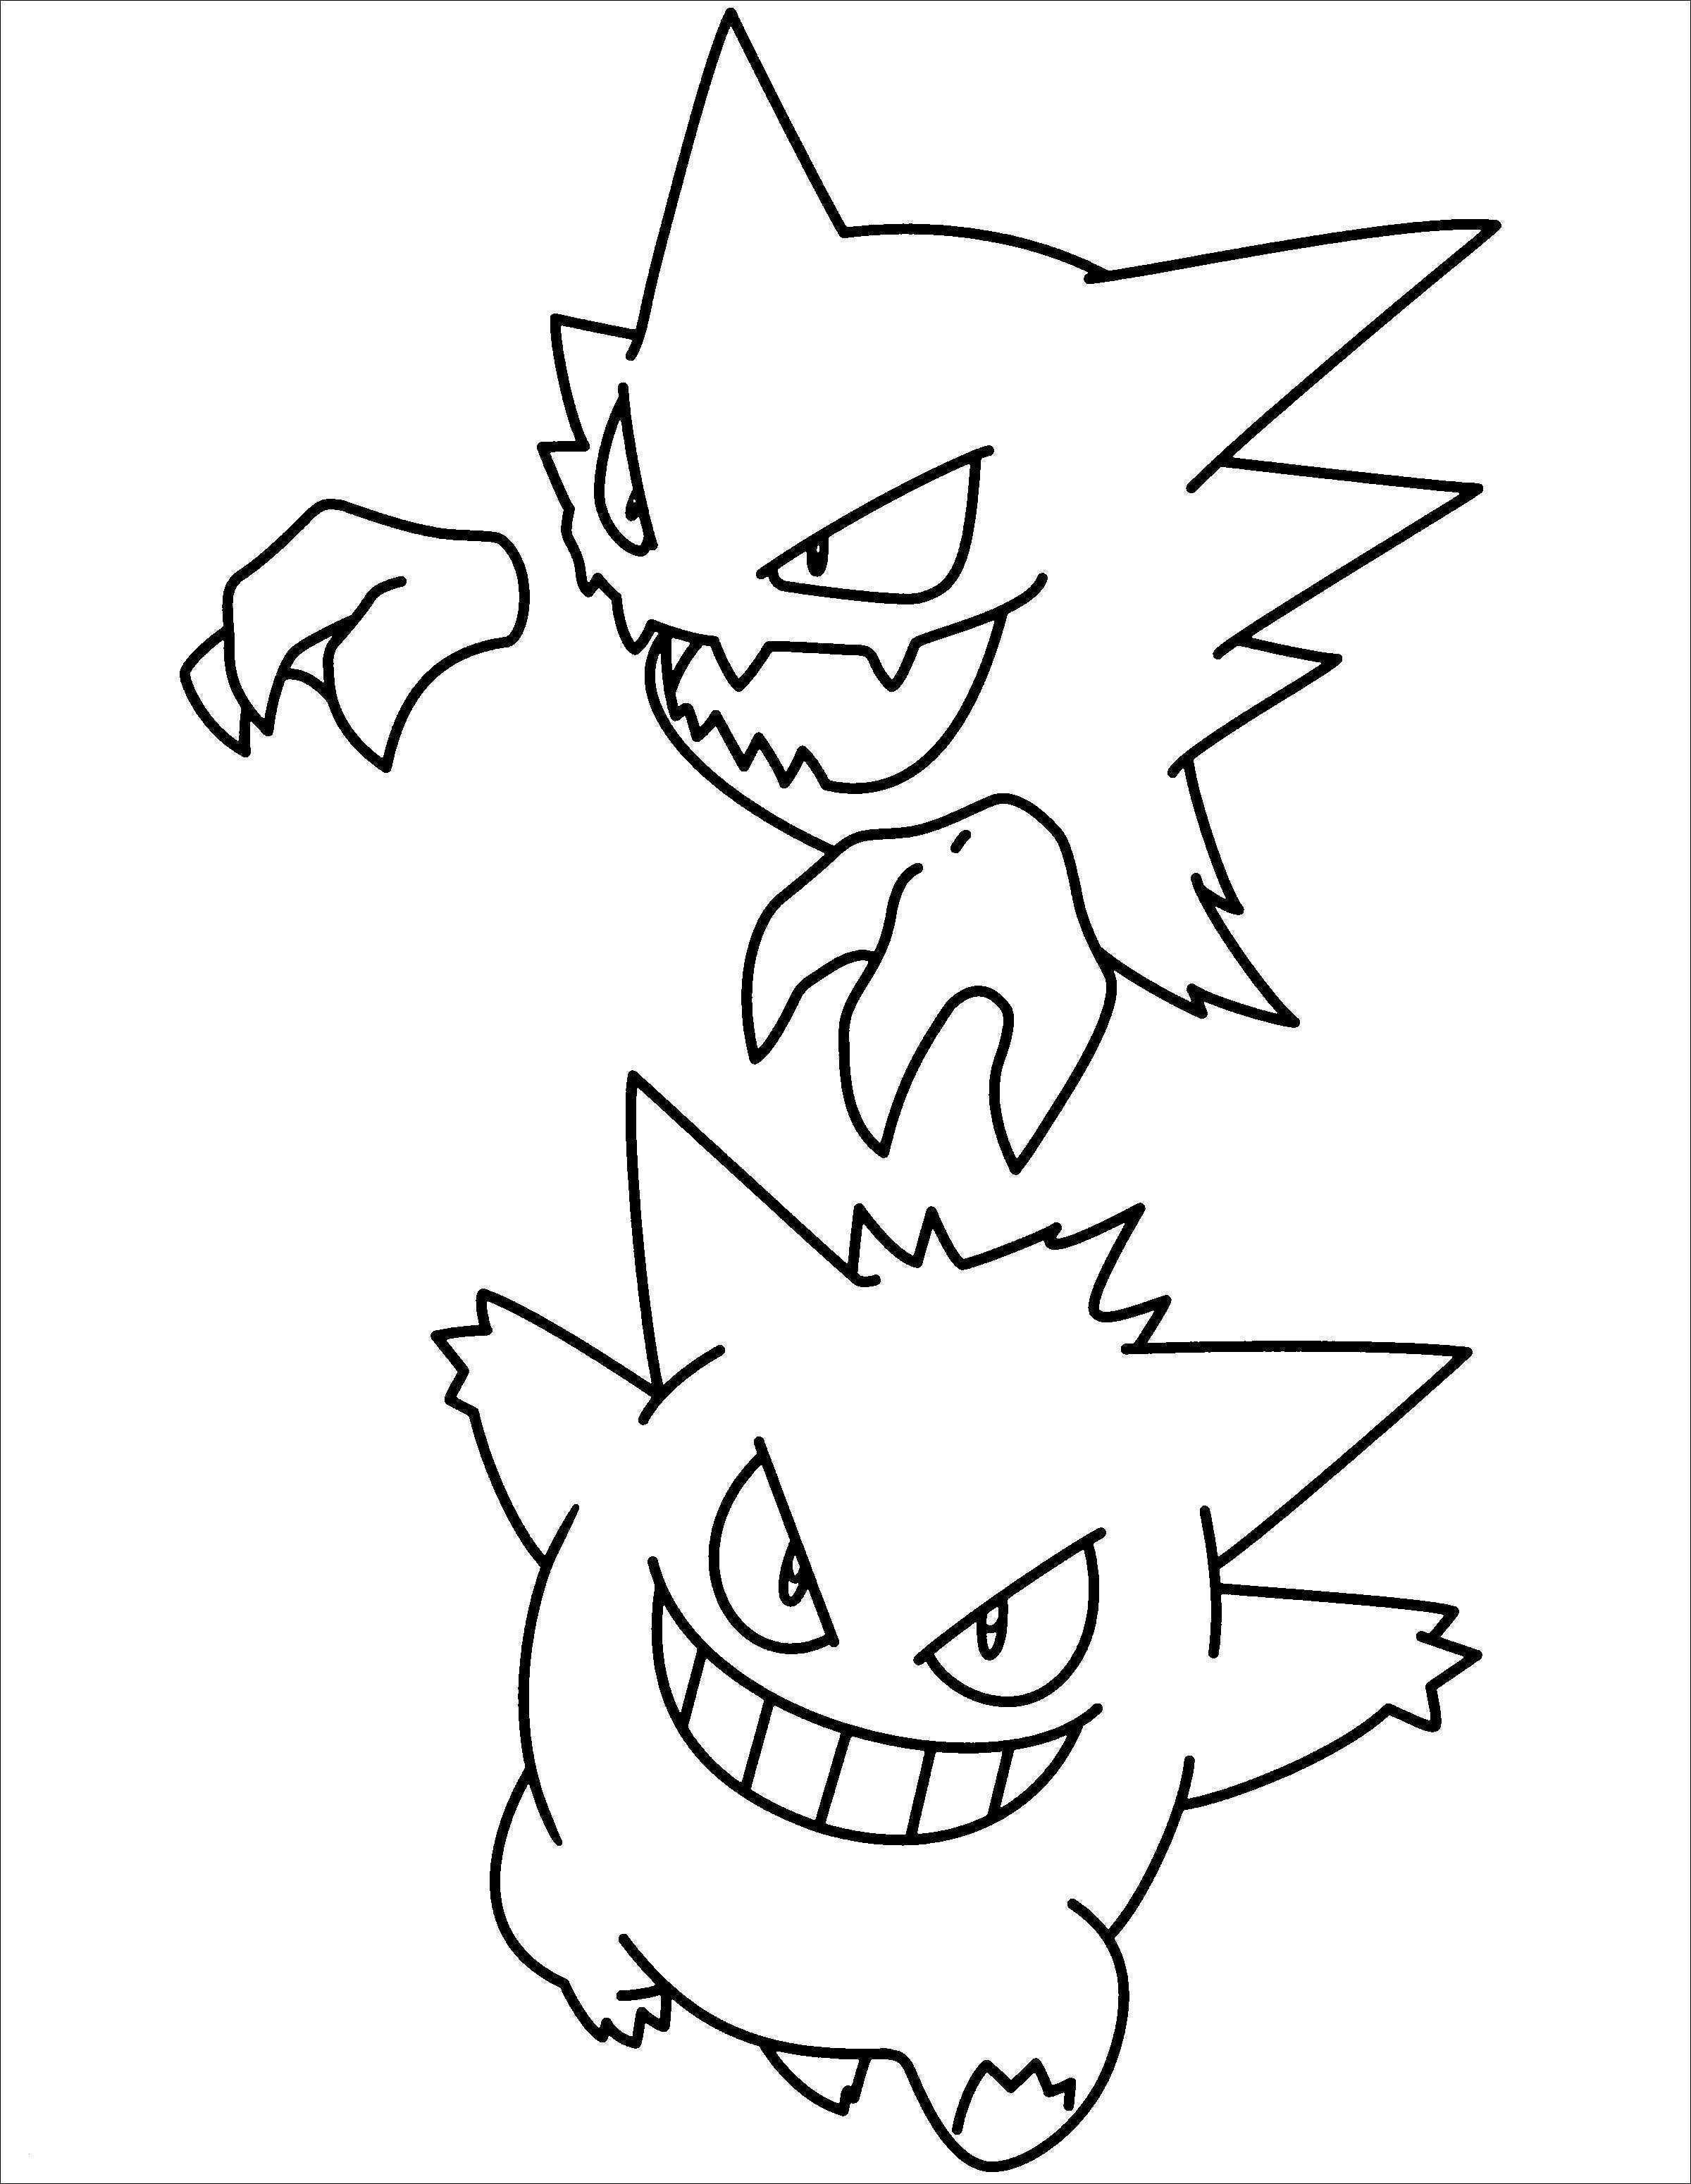 Pokemon Malvorlagen Zum Drucken Genial 90 Inspirierend Pokemon Ausmalbilder Zum Ausdrucken Bilder Fotografieren